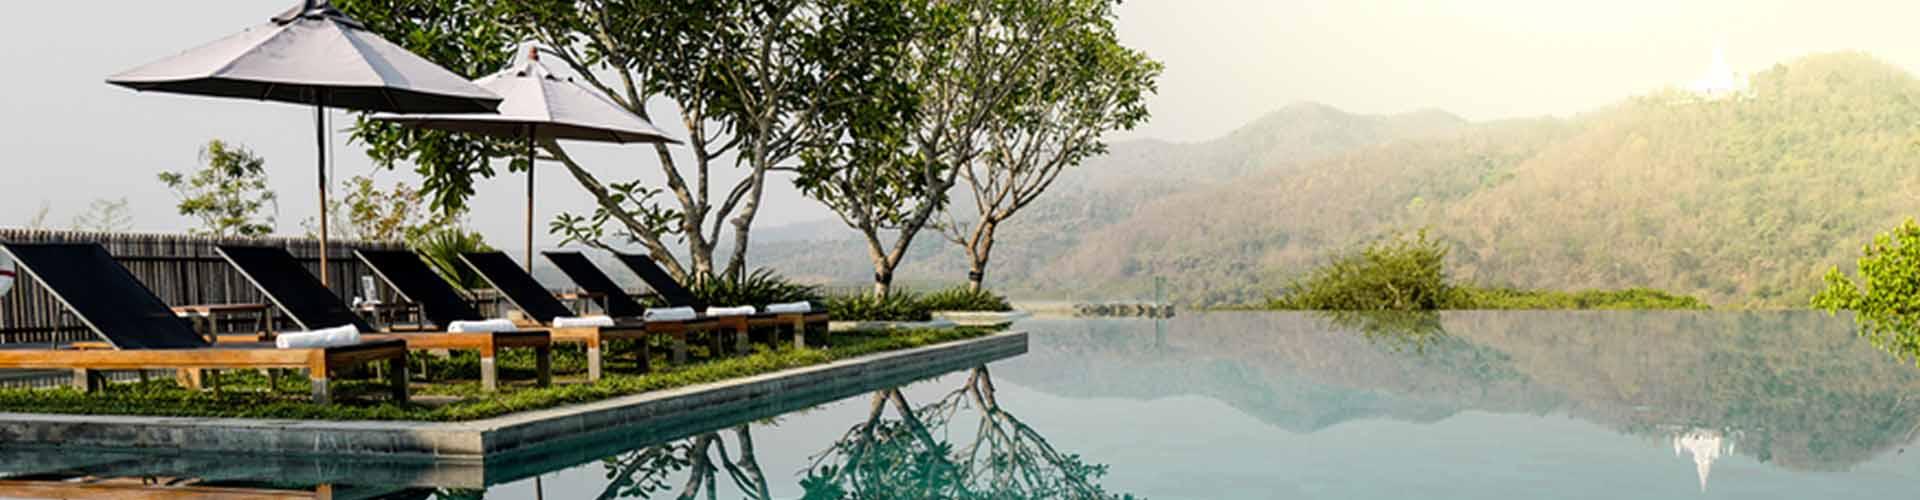 Infinity Pool Asien